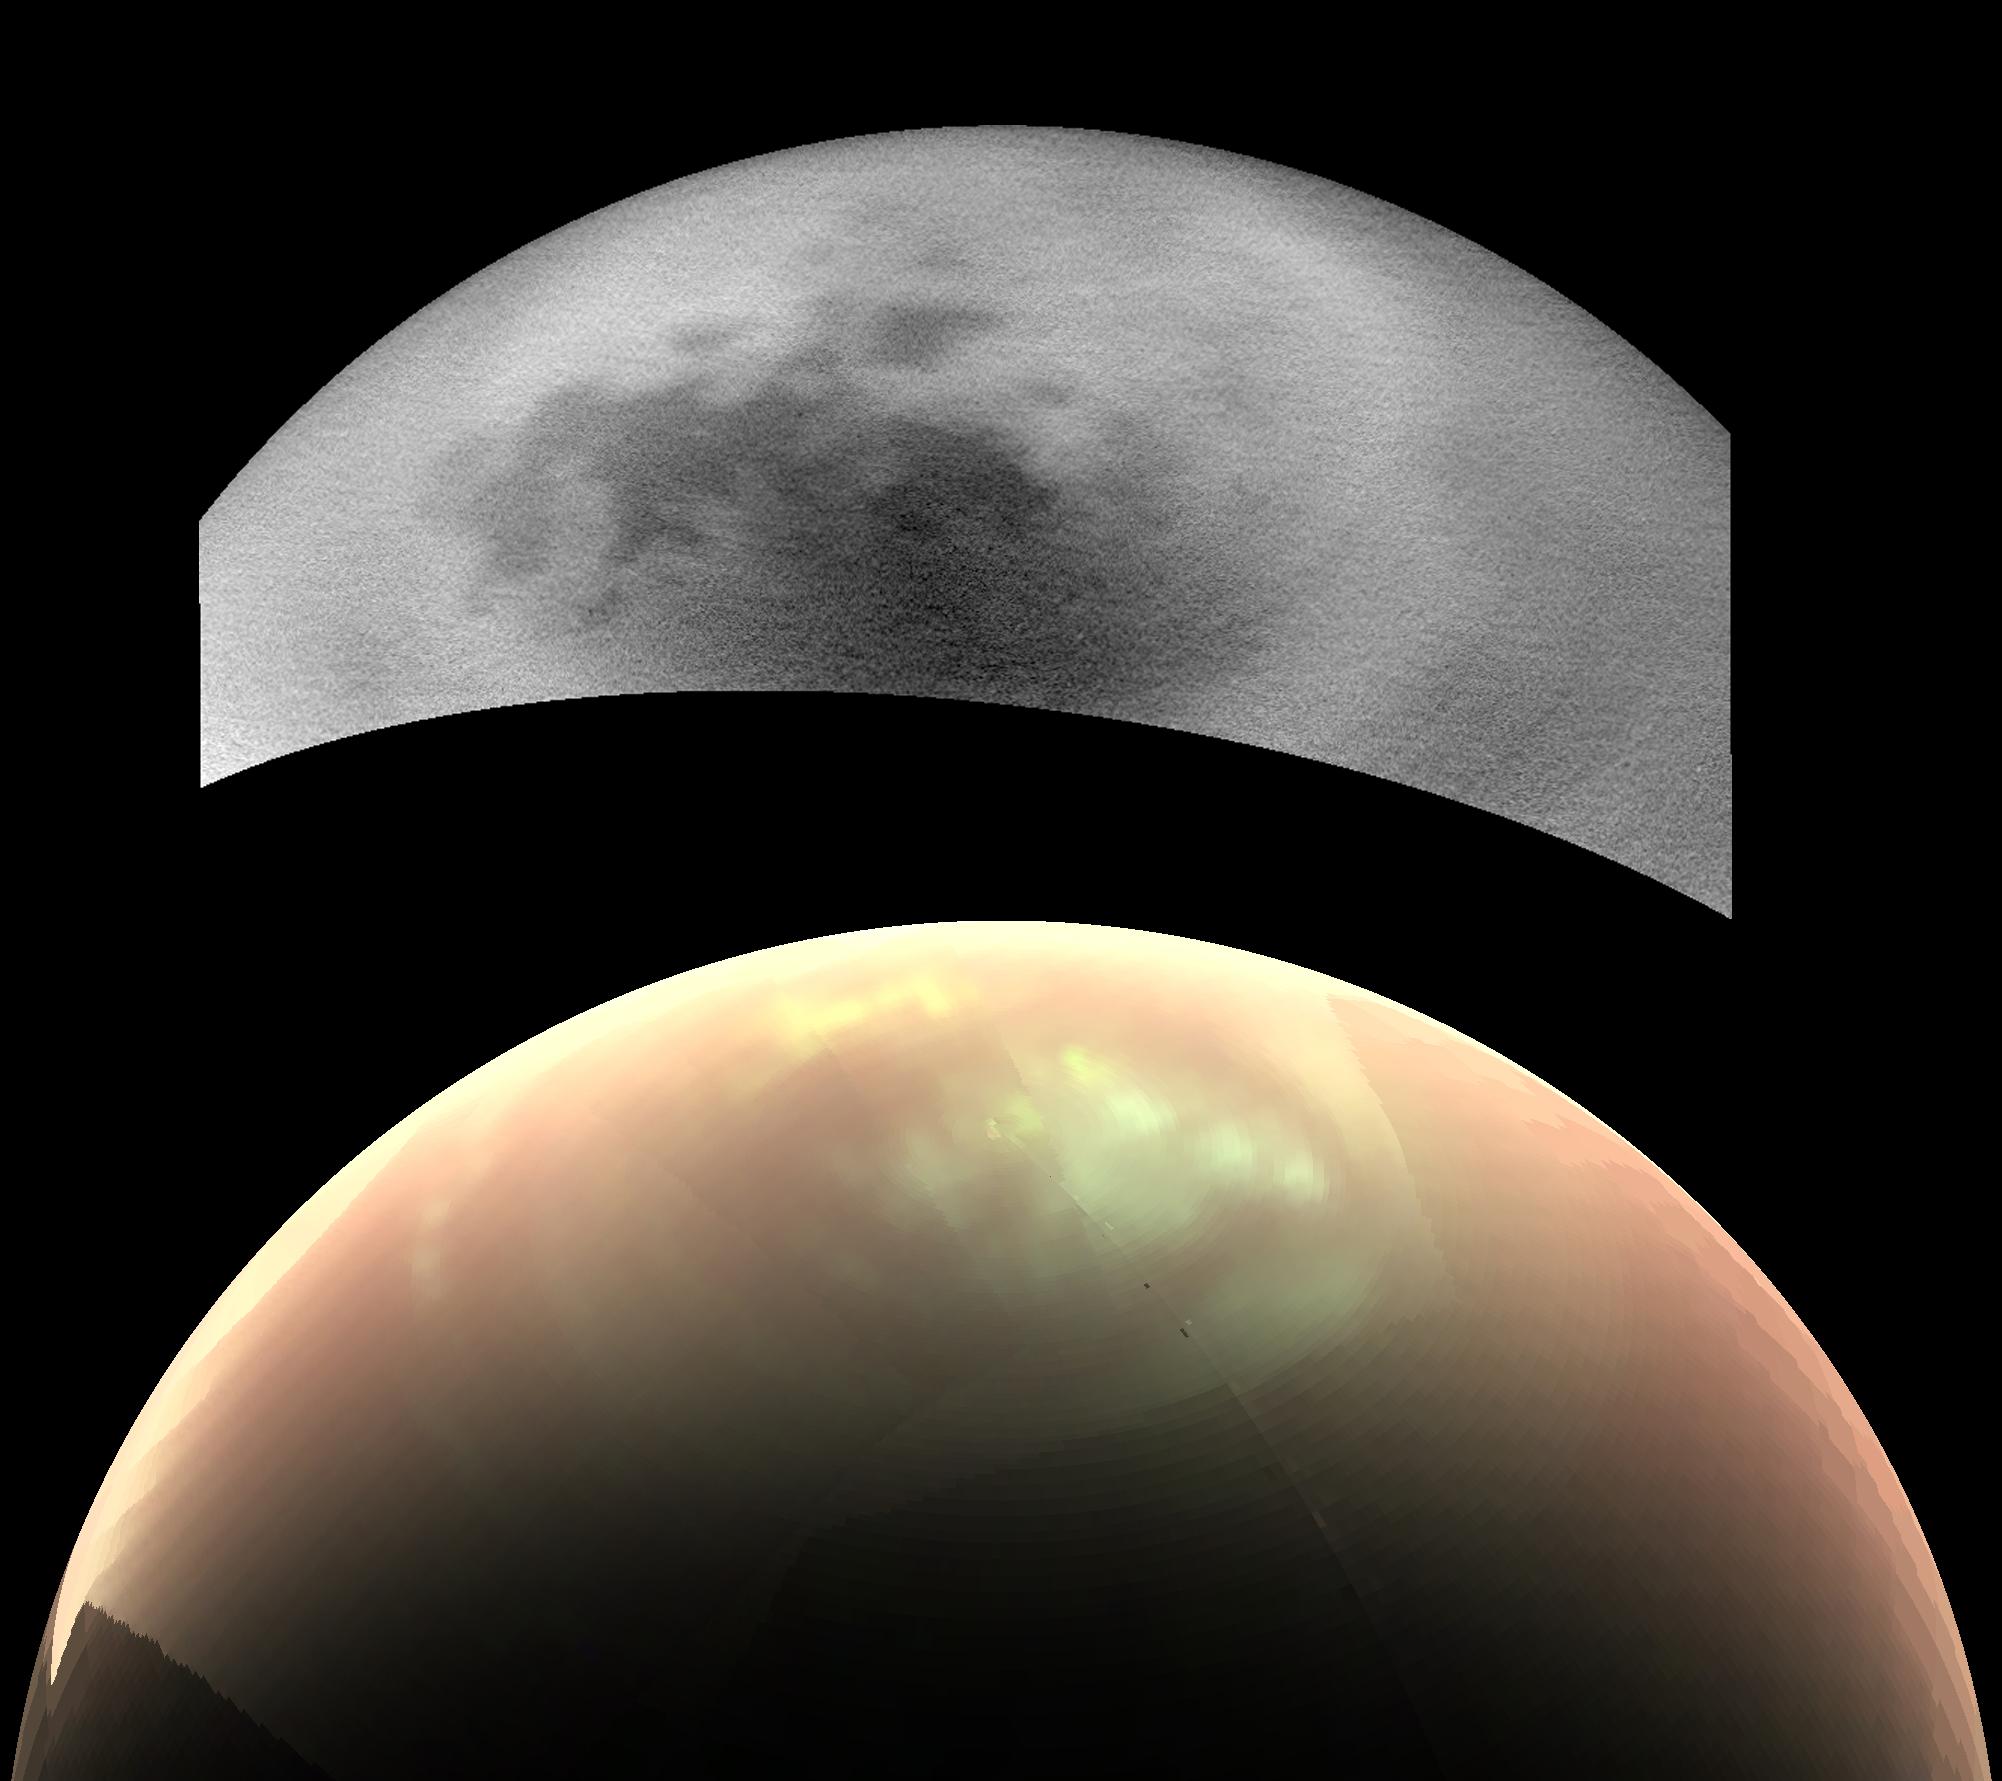 Risultati immagini per titan's mystery cloud